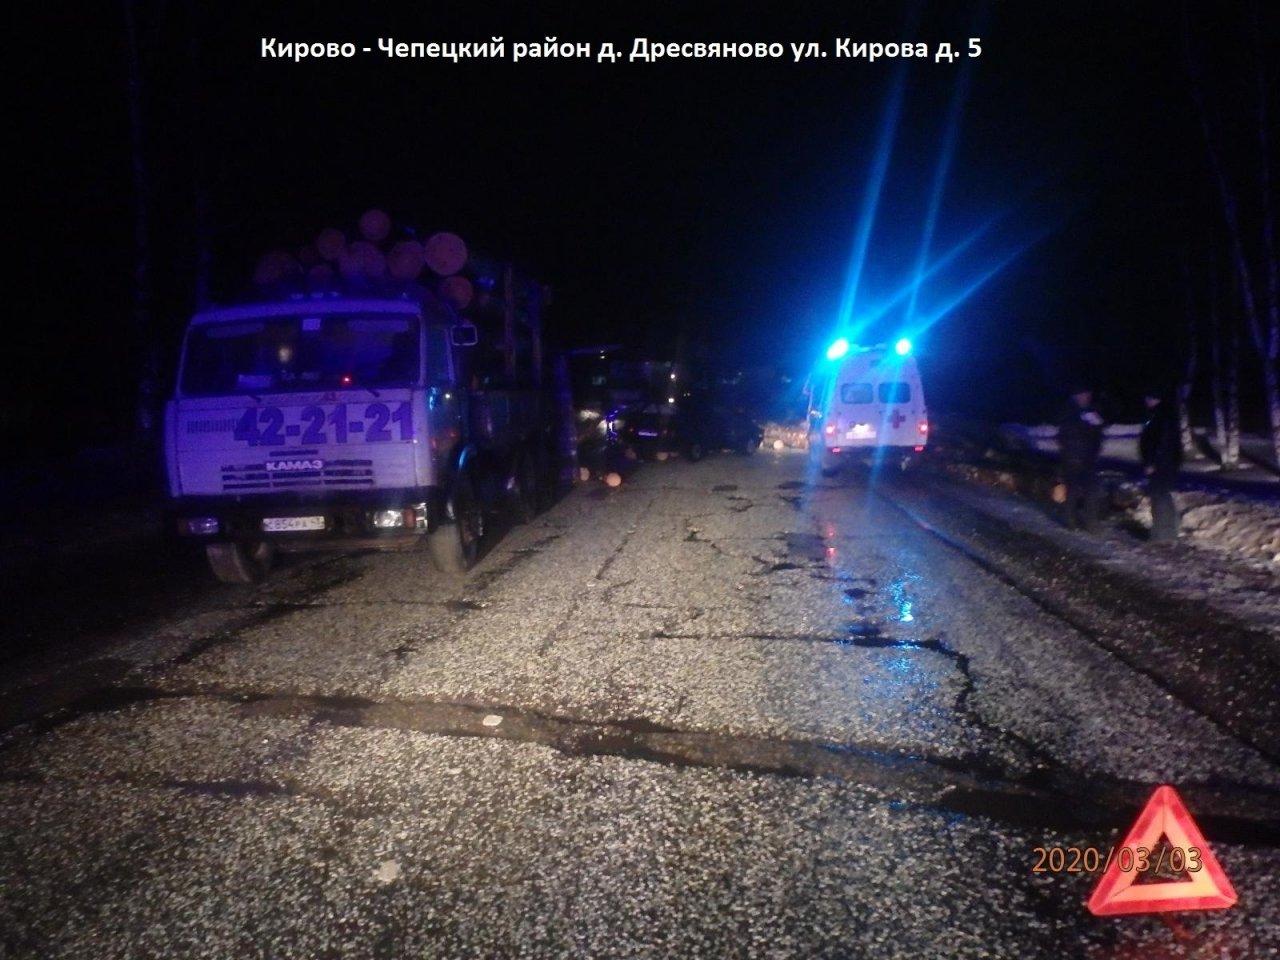 Водитель лесовоза устроил тройное ДТП на трассе в Чепецком районе